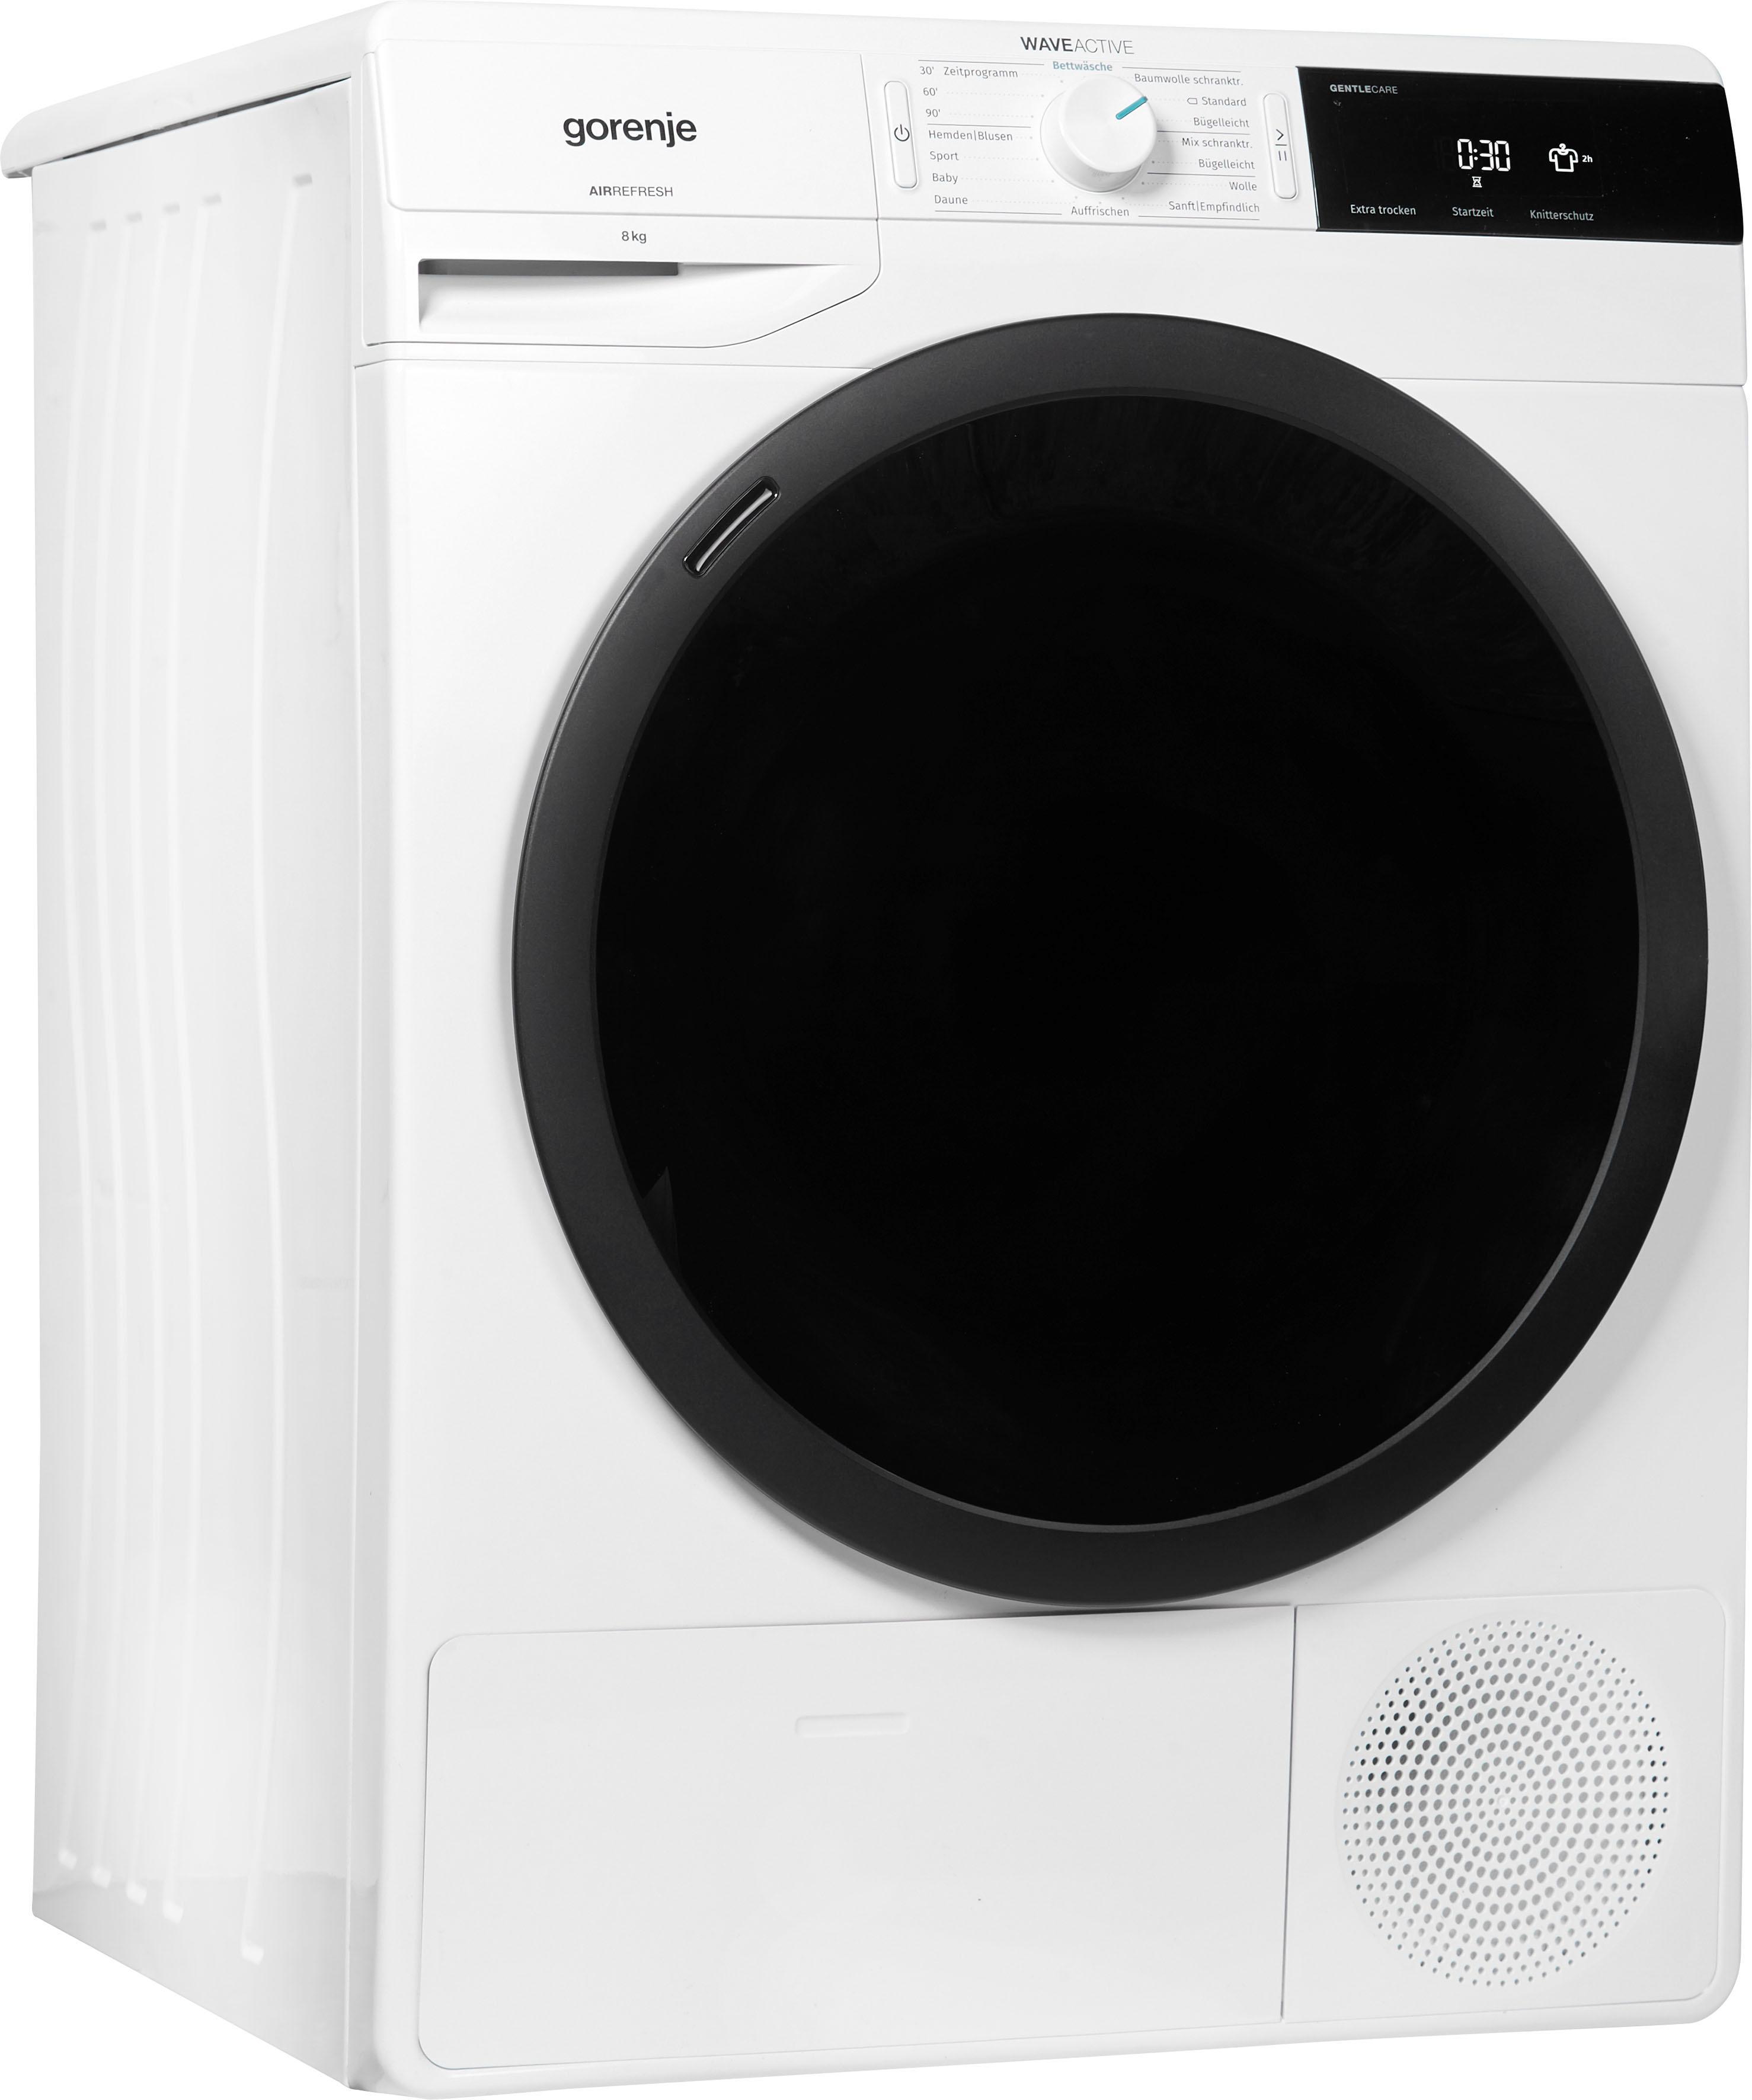 GORENJE Kondenstrockner WaveD E8B, 8 kg   Bad > Waschmaschinen und Trockner > Kondenstrockner   Gorenje